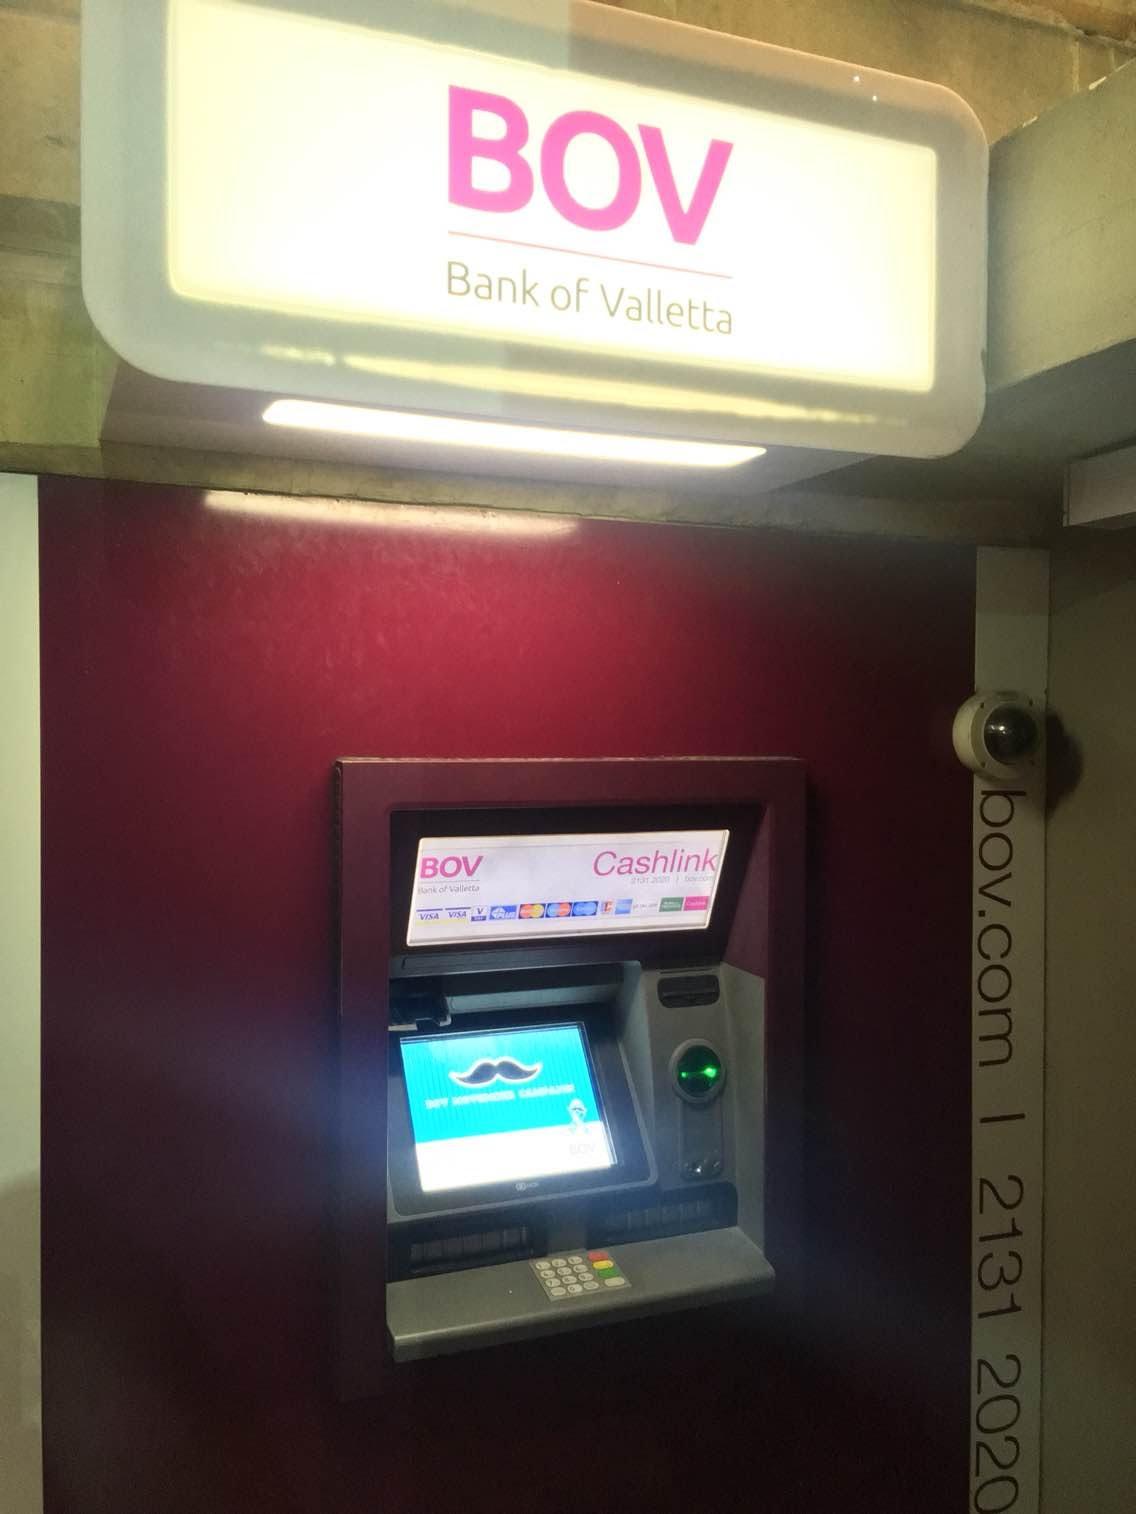 16-몰타ATM에서 돈뽑기 #몰타ATM #ATM#현금인출